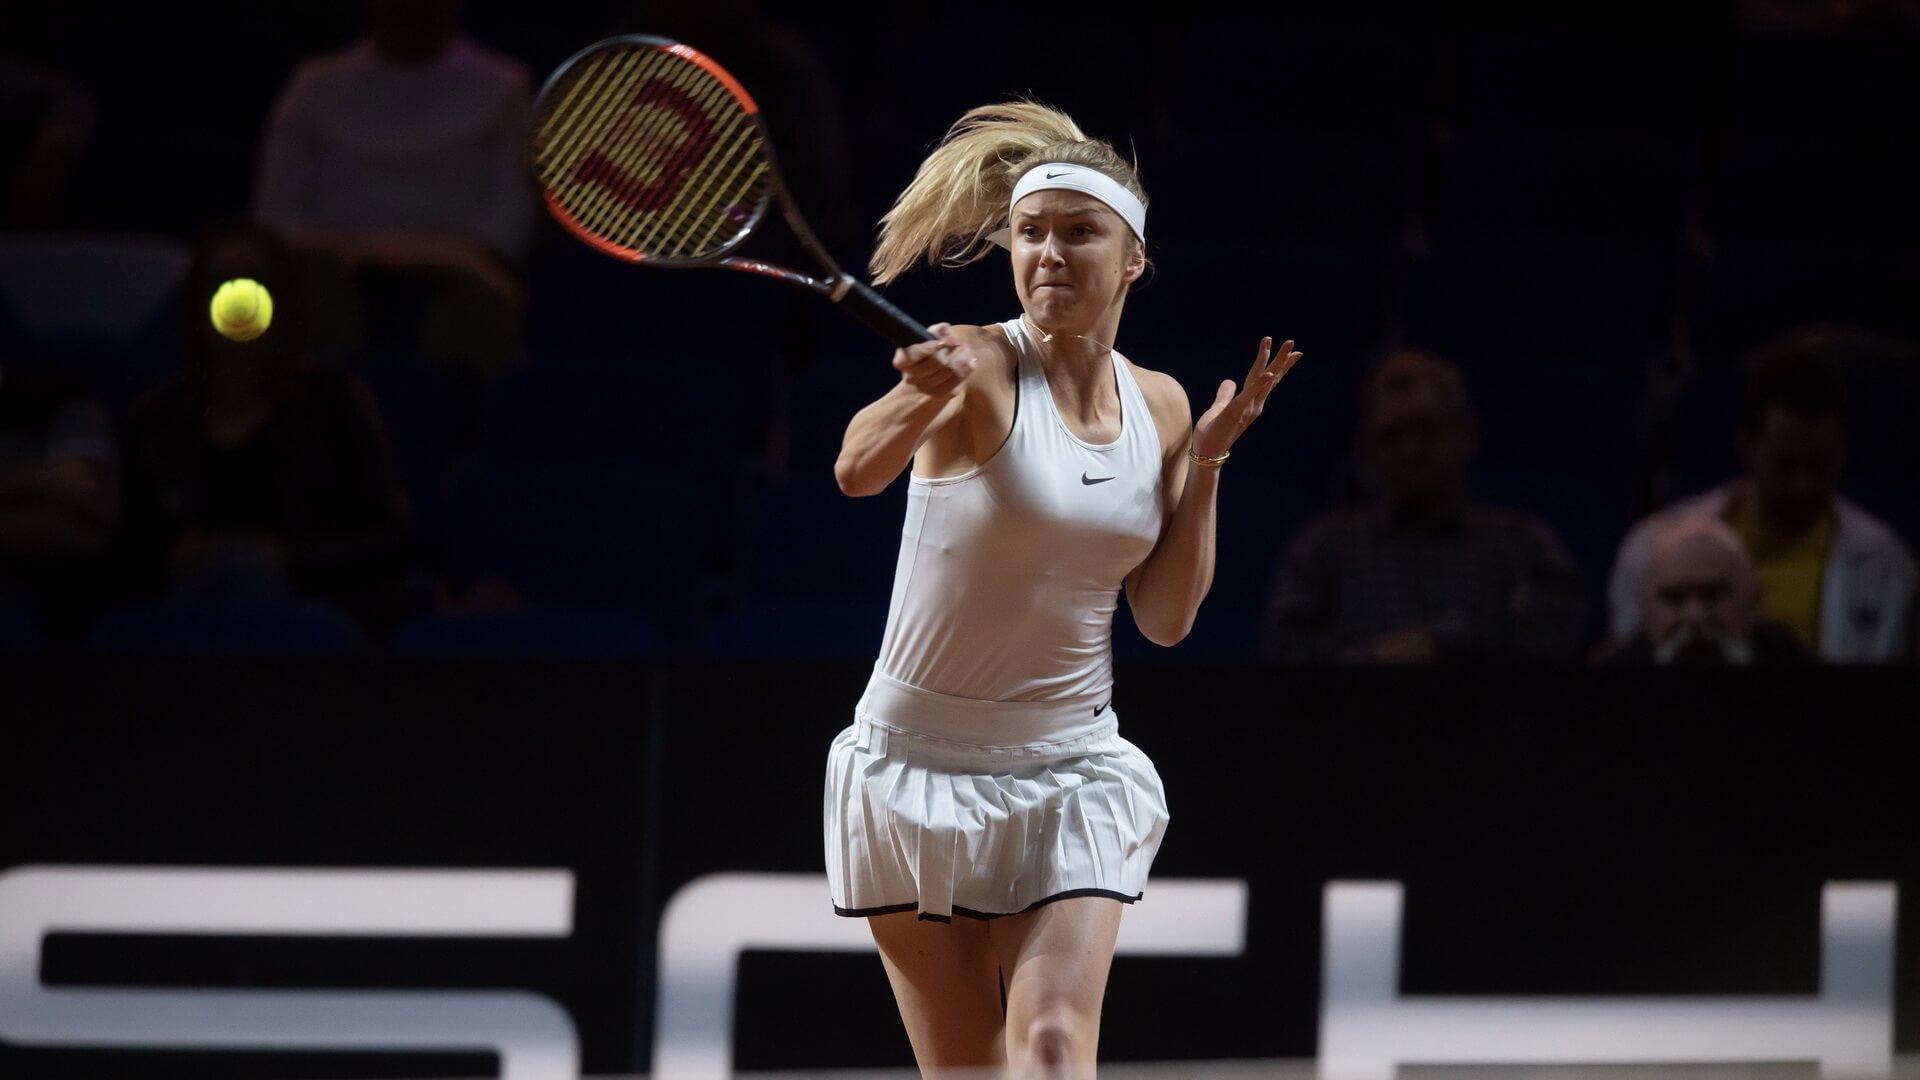 Элина Свитолина — украинская профессиональная теннисистка